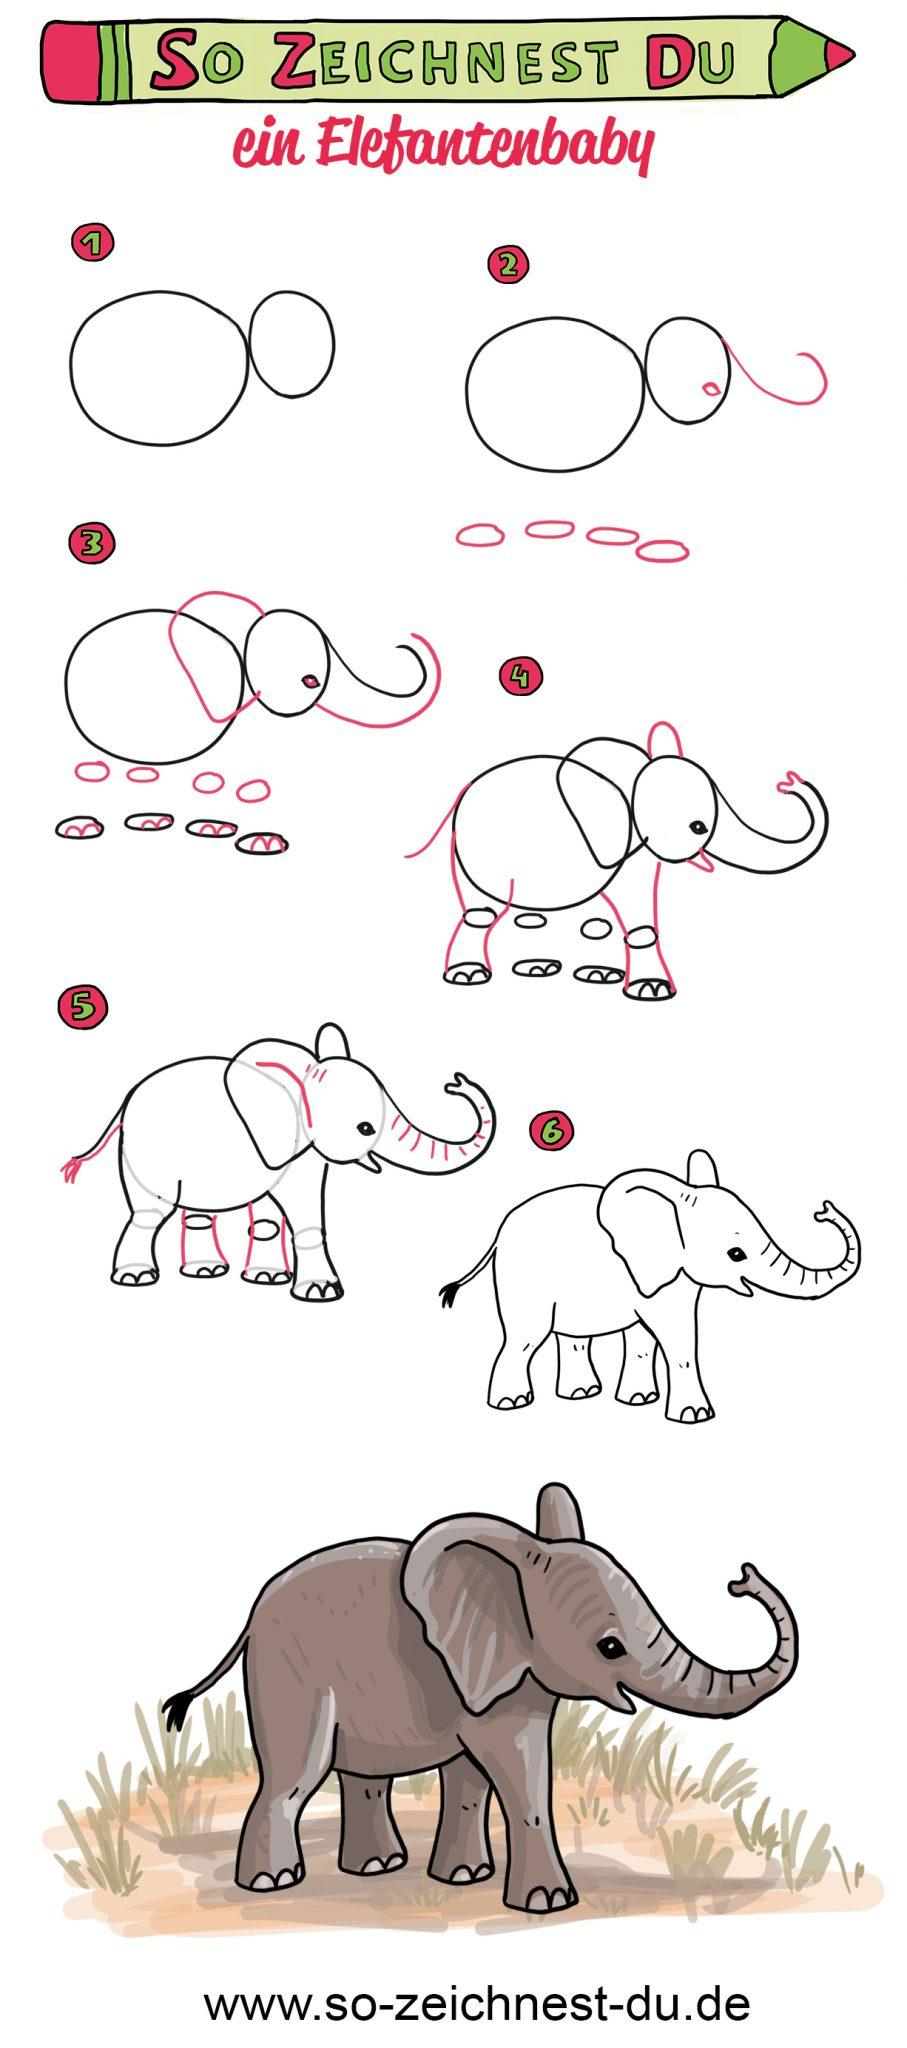 So zeichnest du ein Elefantenbaby Elefant Zeichenschule Savanne